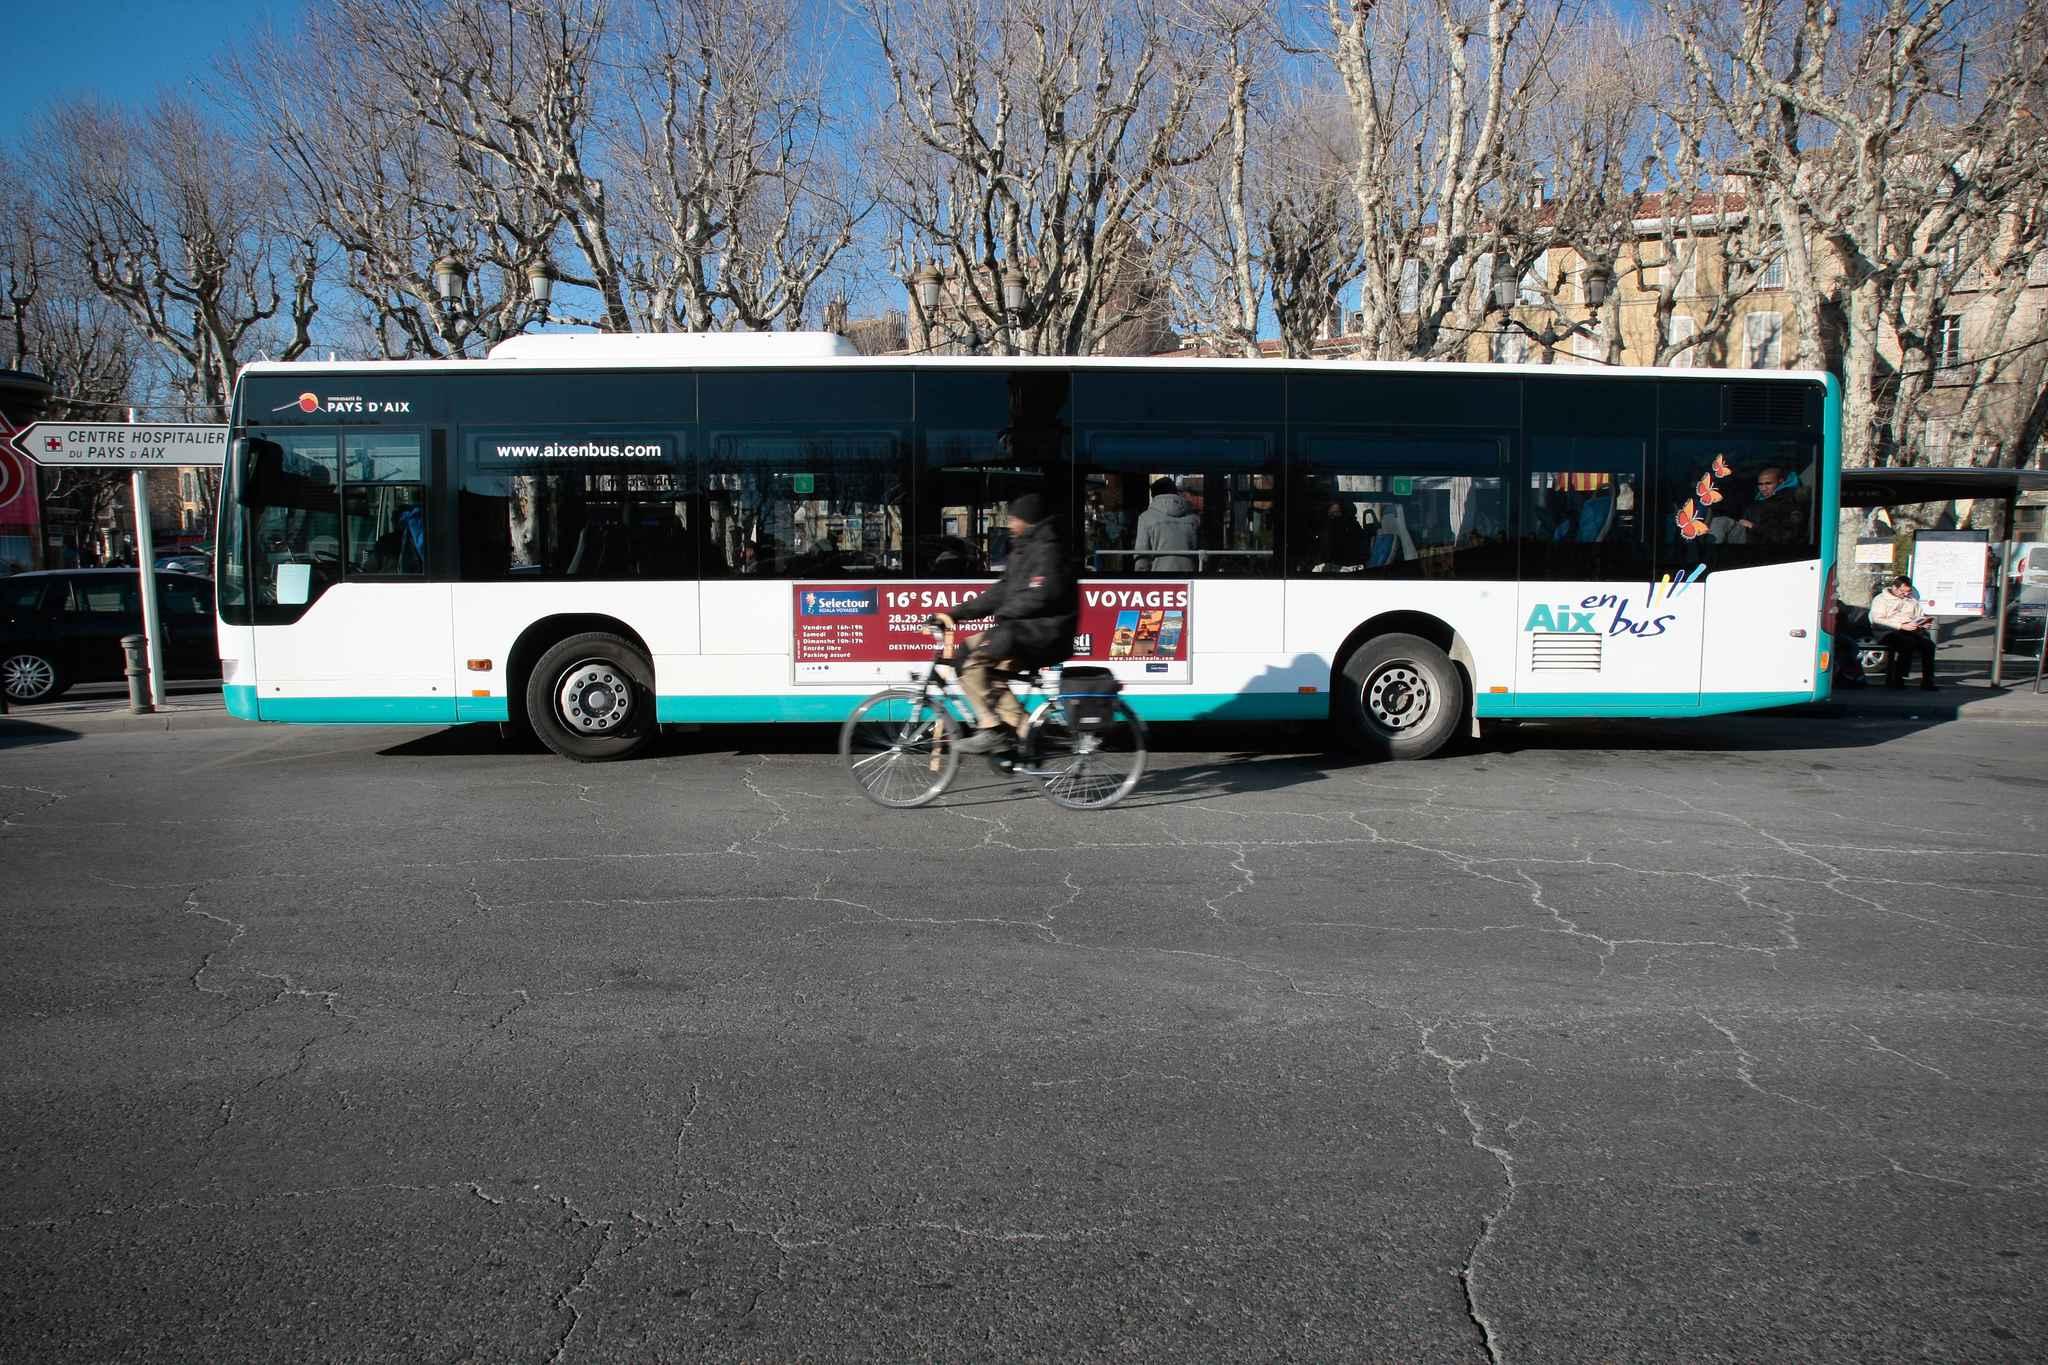 Aix en provence gr ve sur le r seau aix en bus - Aix en provence salon de provence bus ...